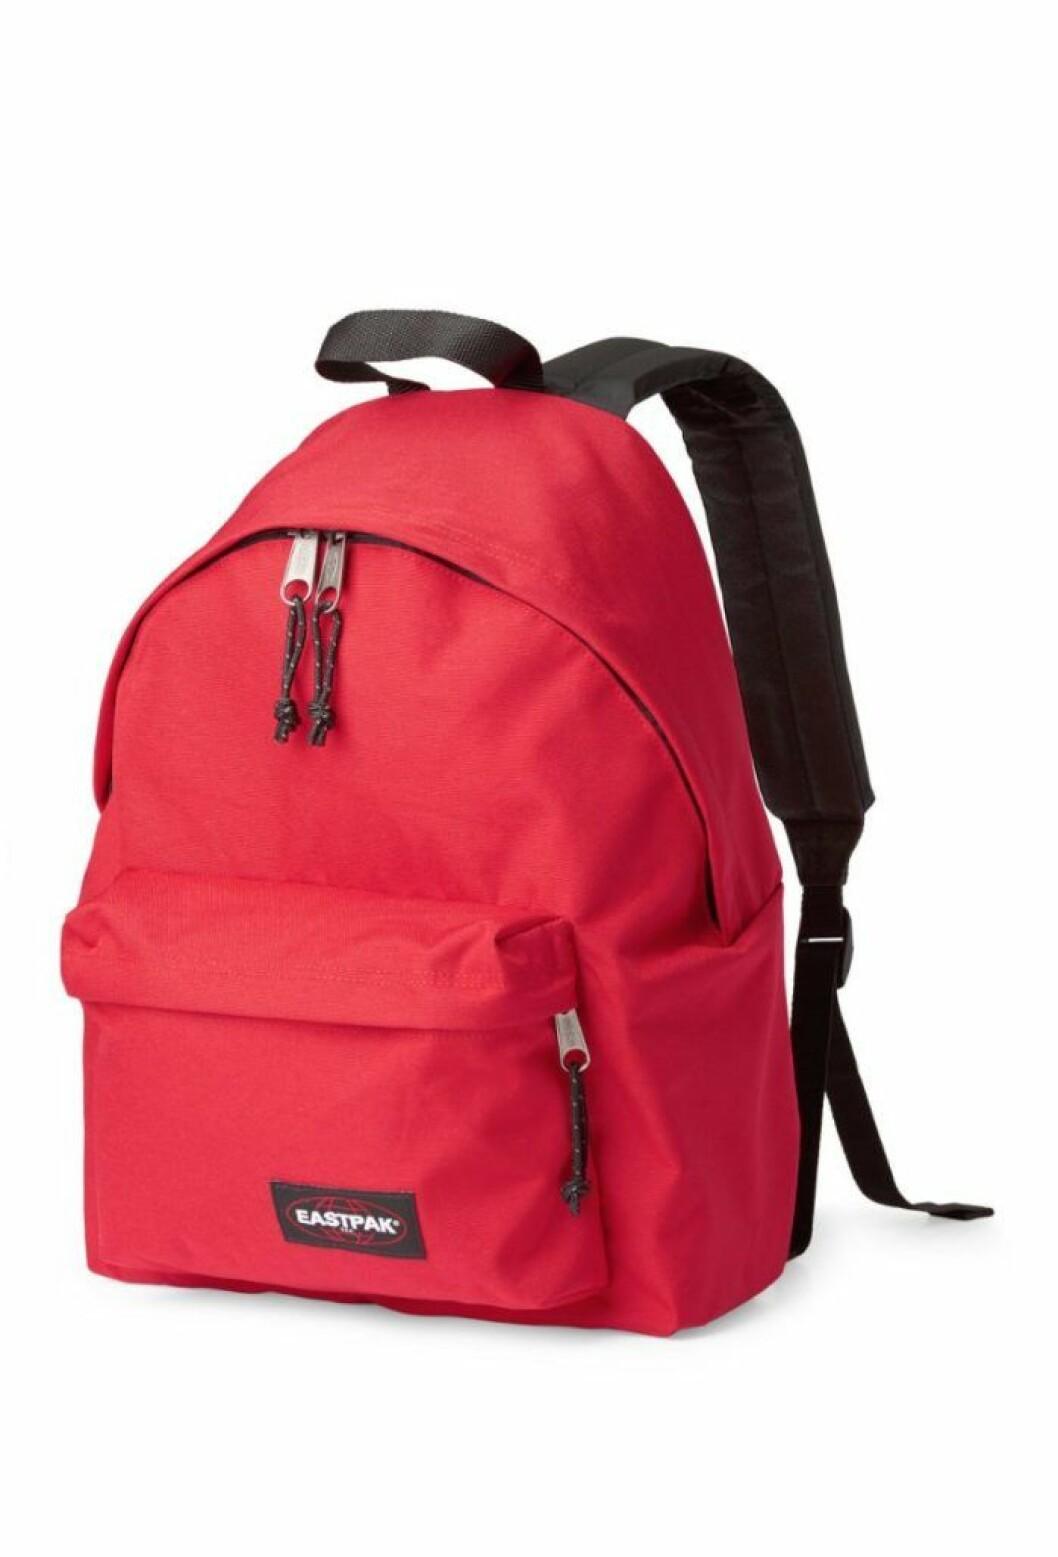 Röd ryggsäck från East Pak